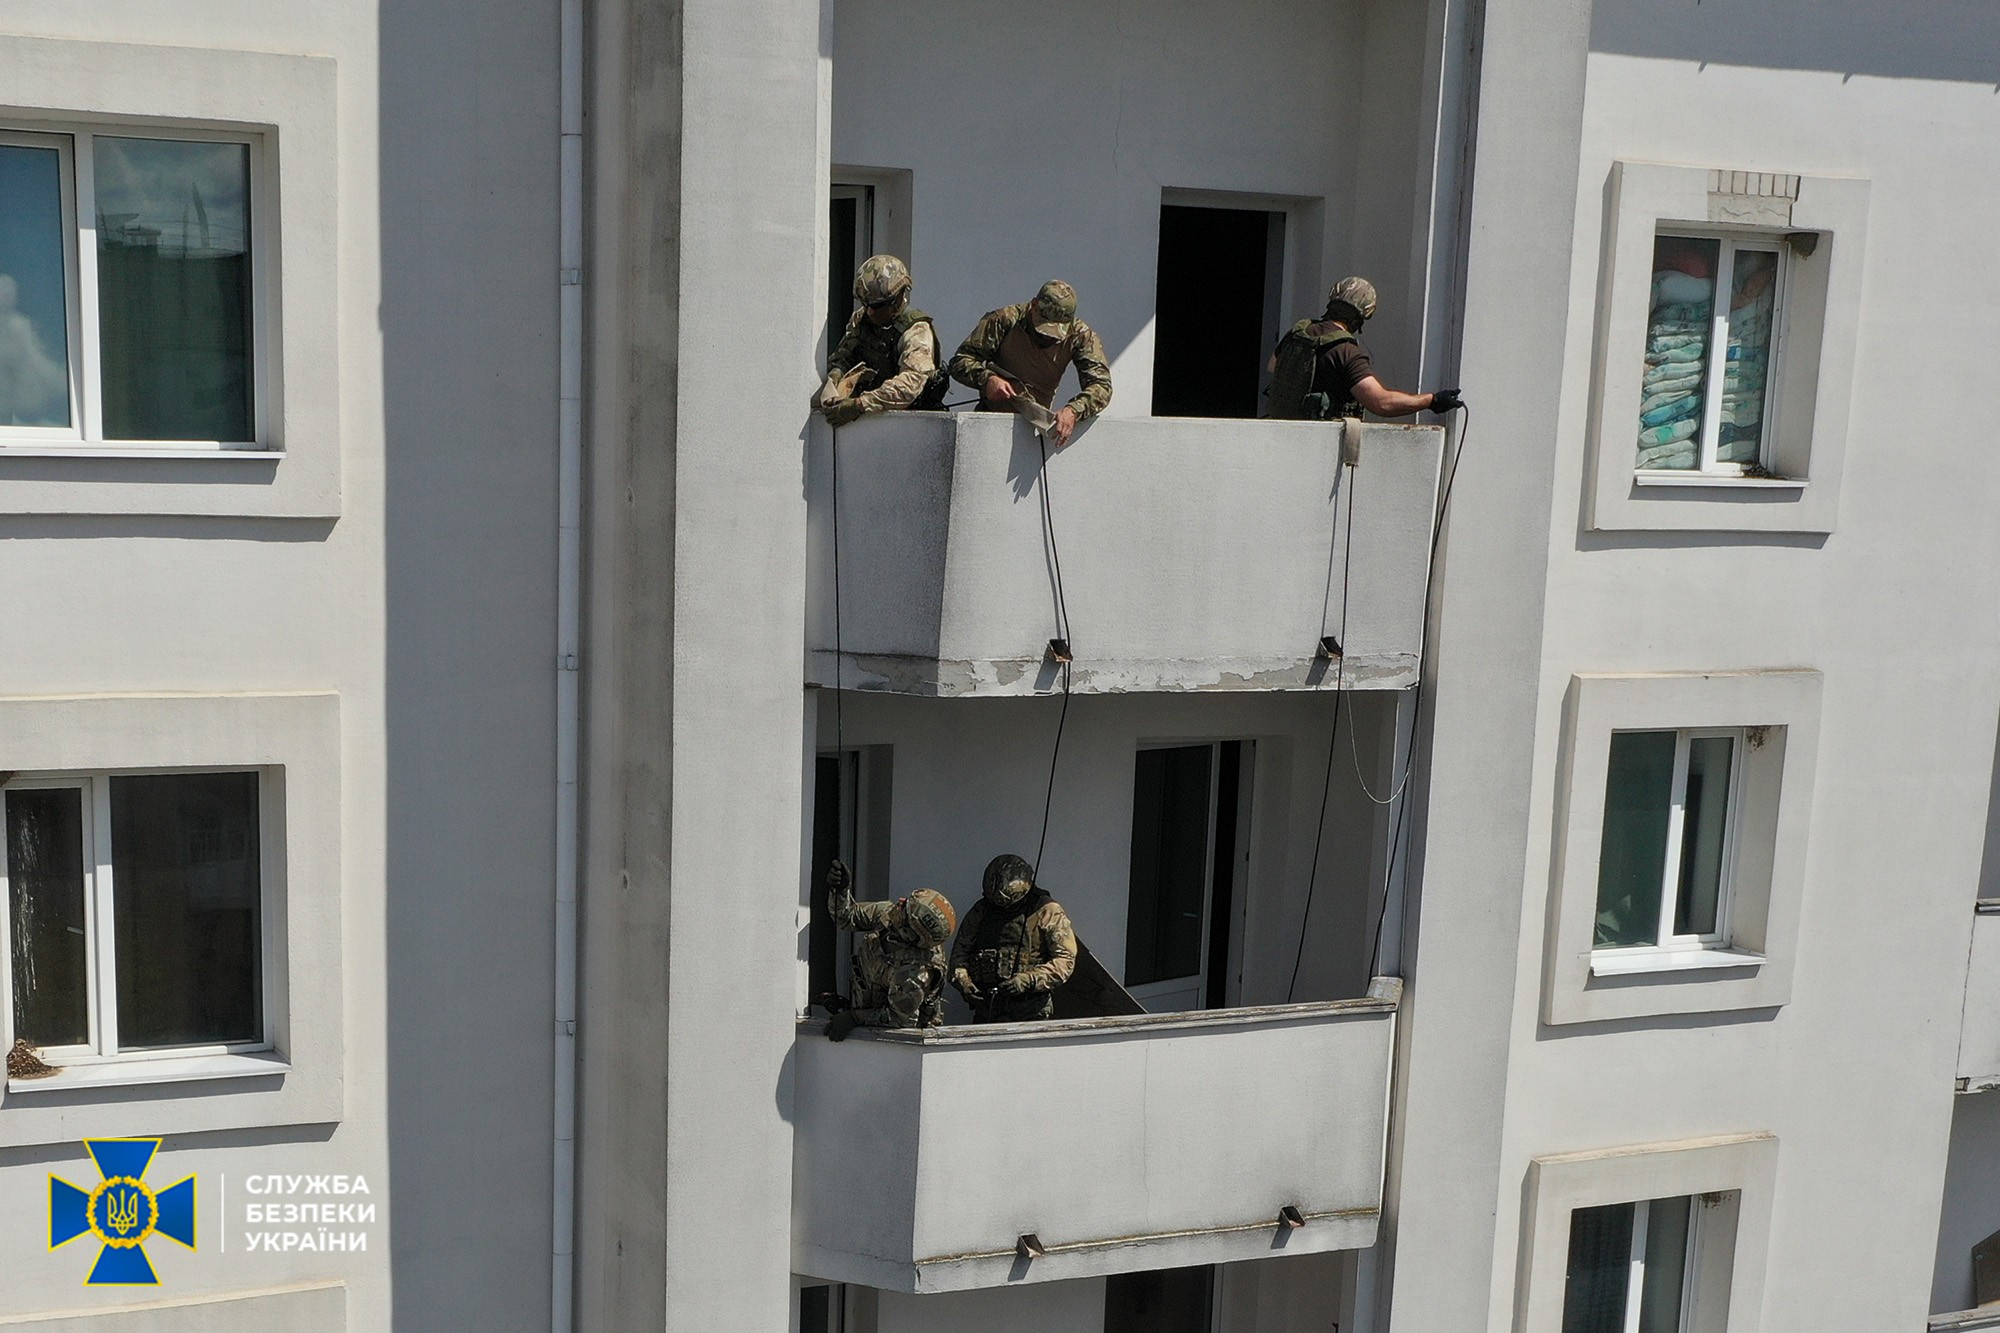 Підготовка до Рош га-Шана: в Умані провели антитерористичні навчання